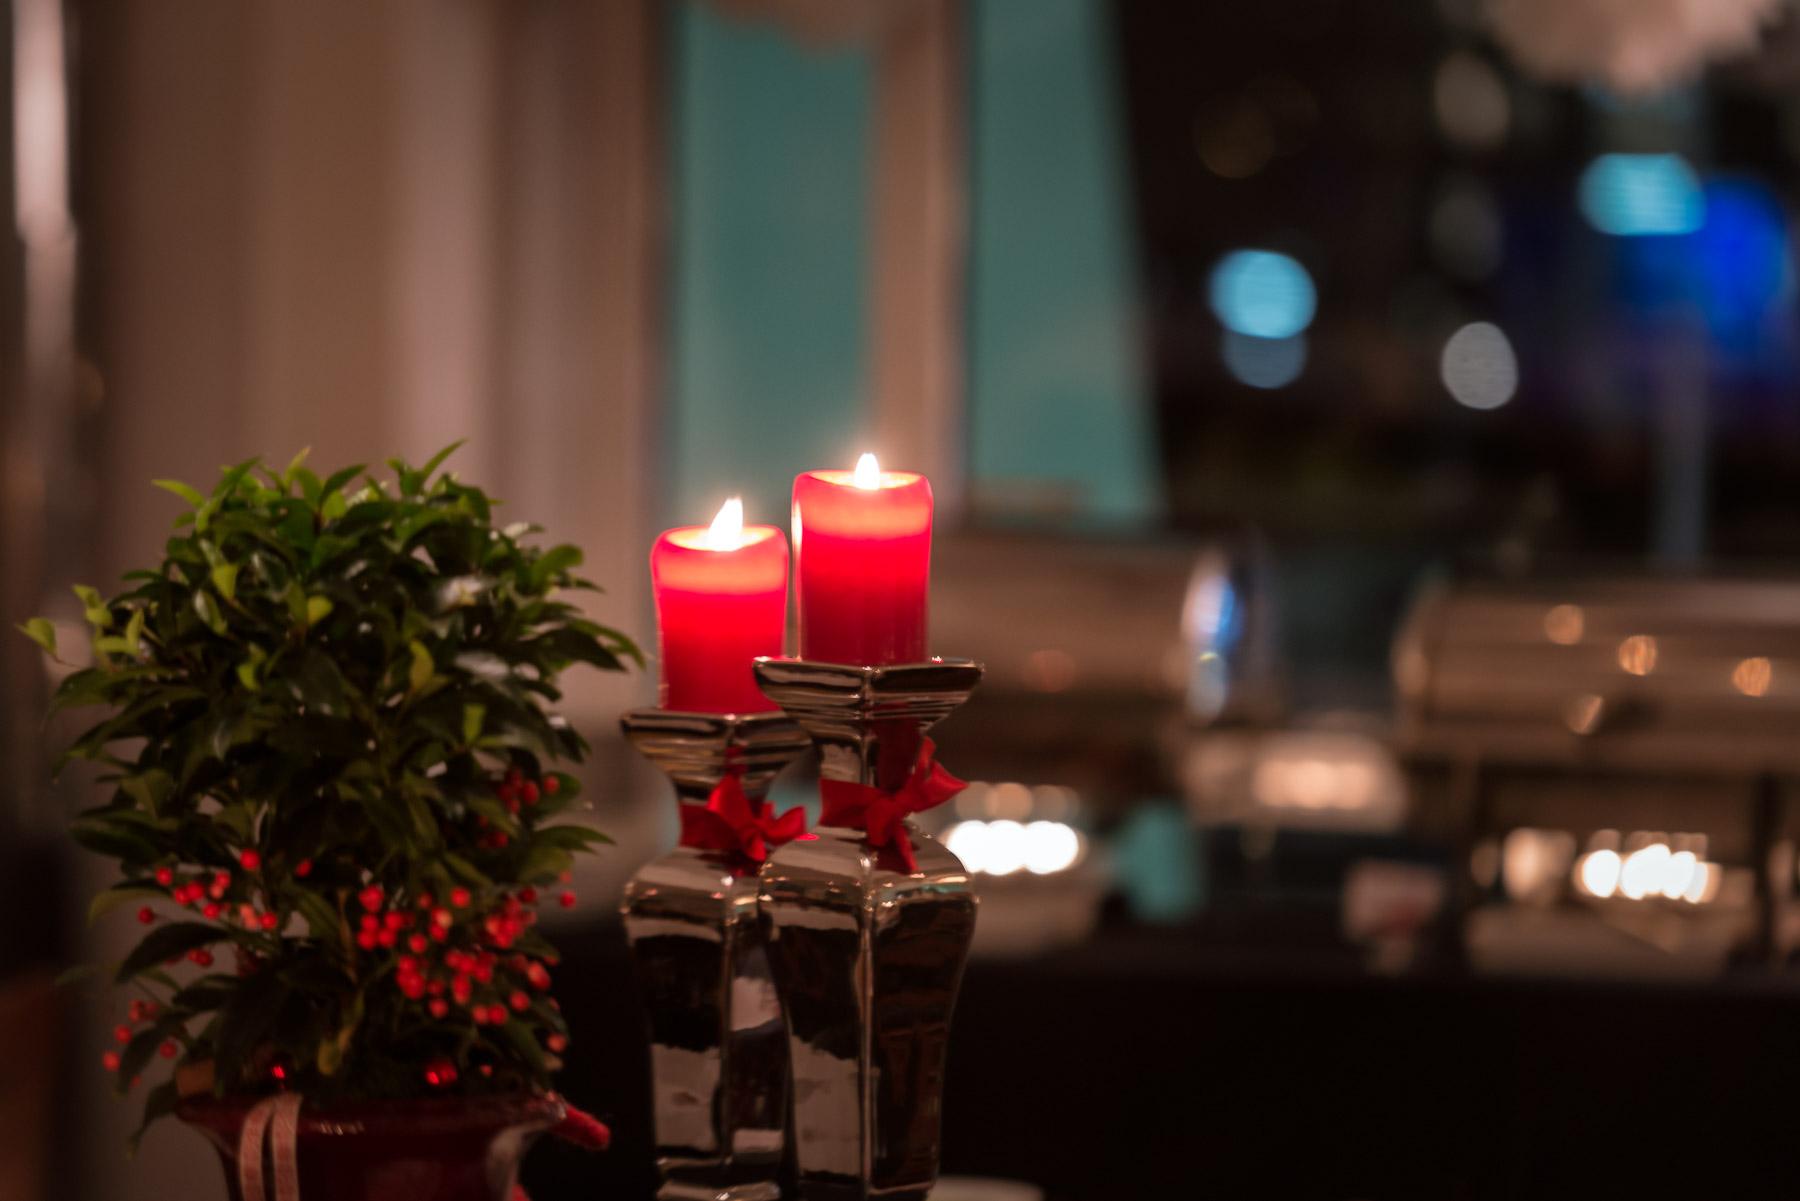 JULEN 2020 - Ullevi restaurang och konferens i Göteborg.